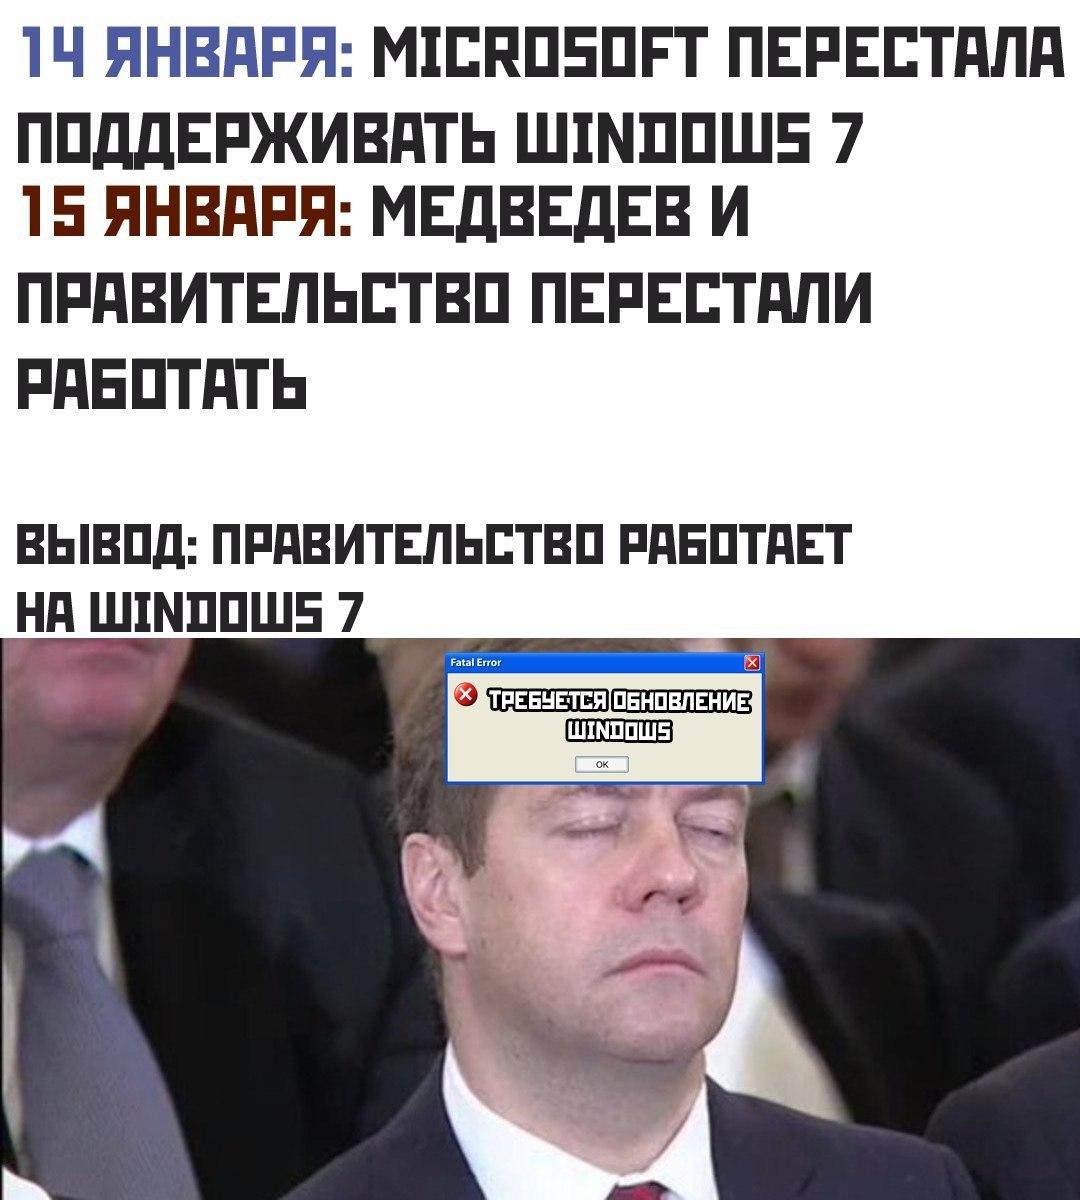 1579171036135323137.jpg